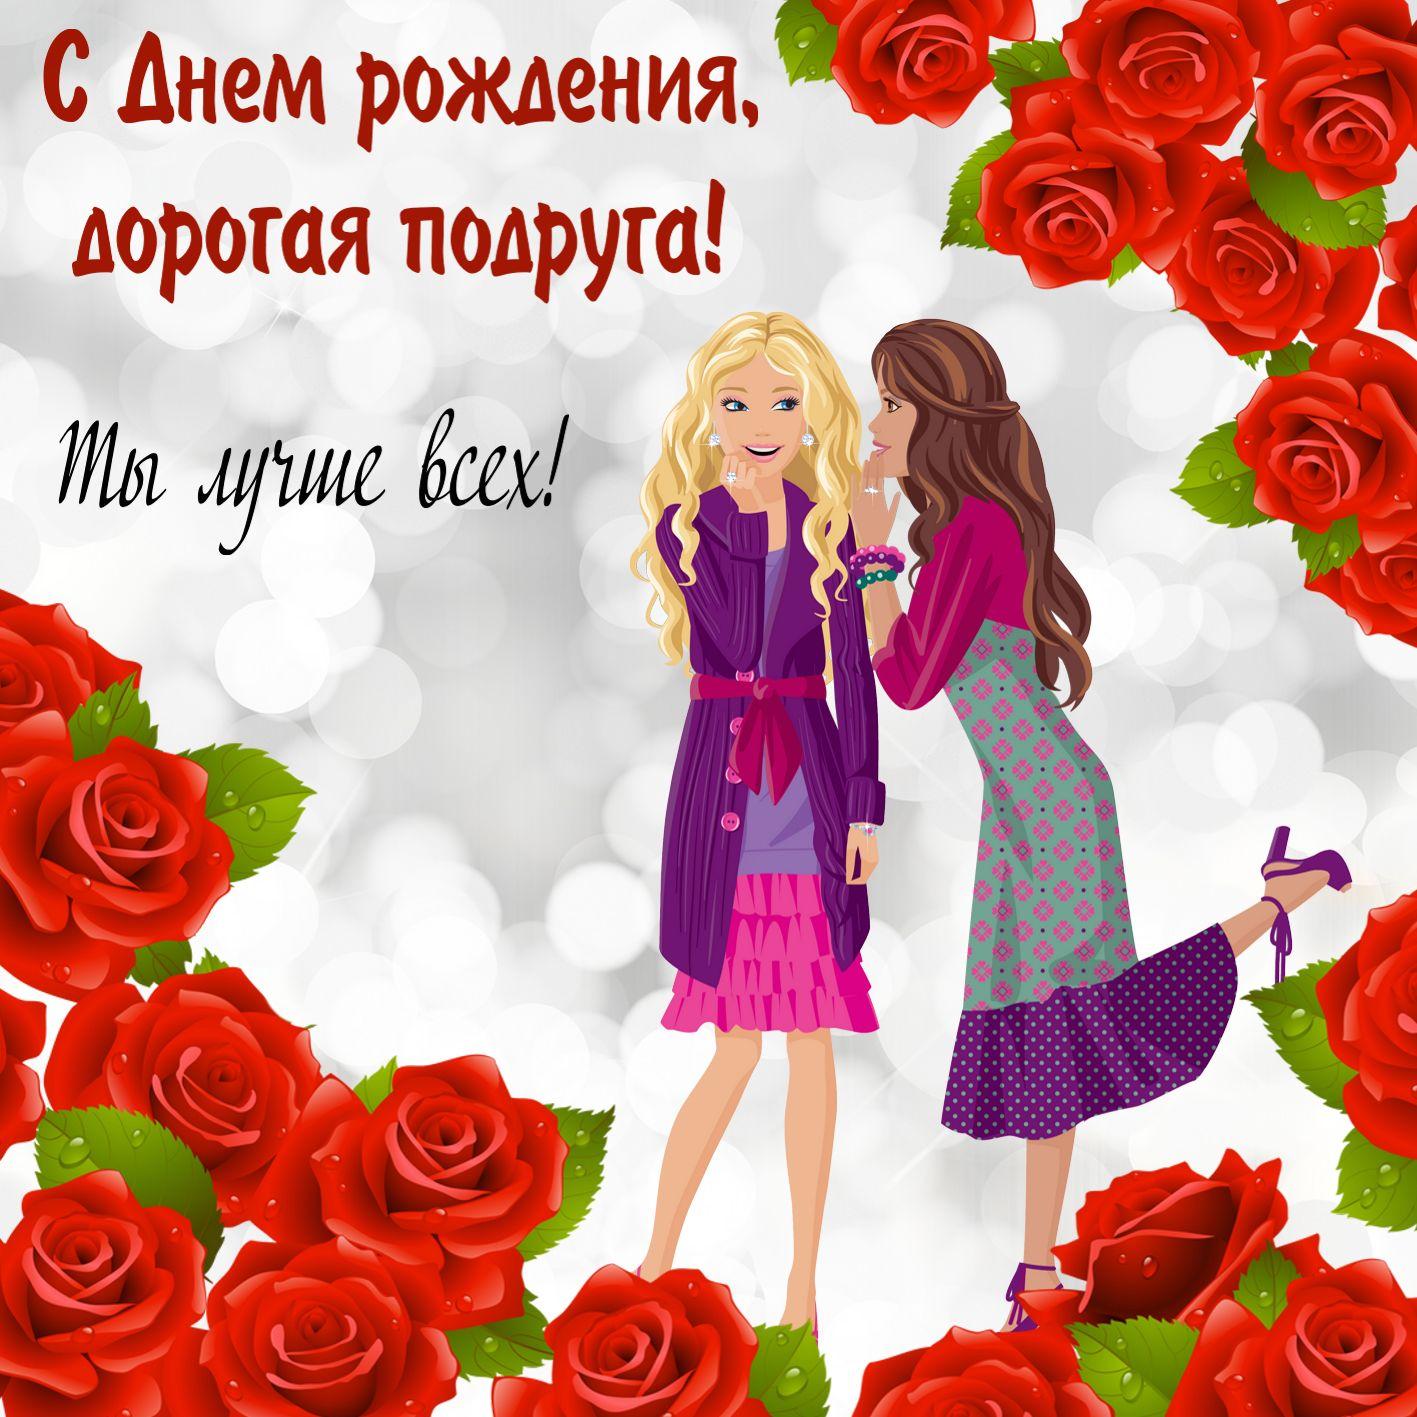 Поздравление, с днем рождения подруге красивые открытка